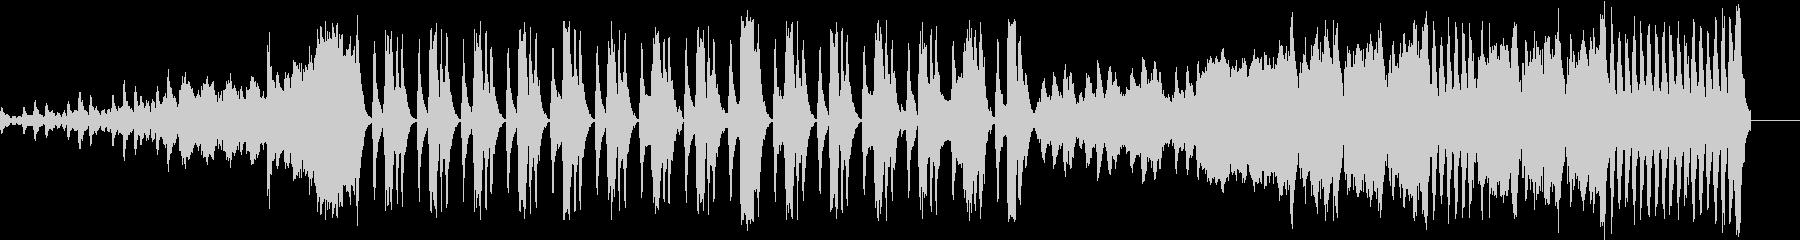 Windowsに内蔵されている音源(M…の未再生の波形